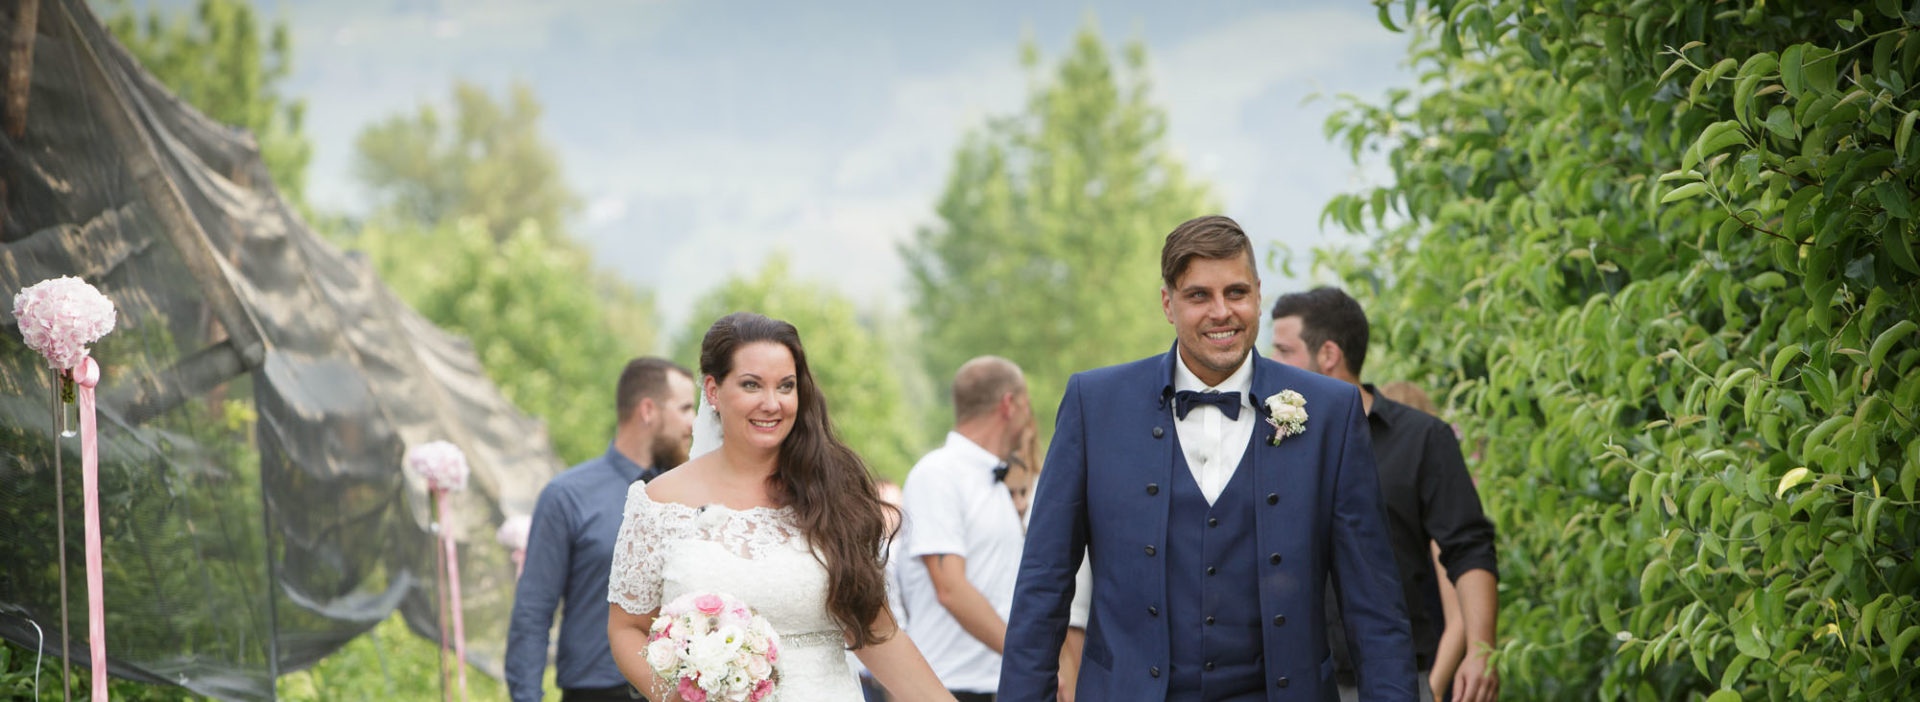 Bächlihof Hochzeit